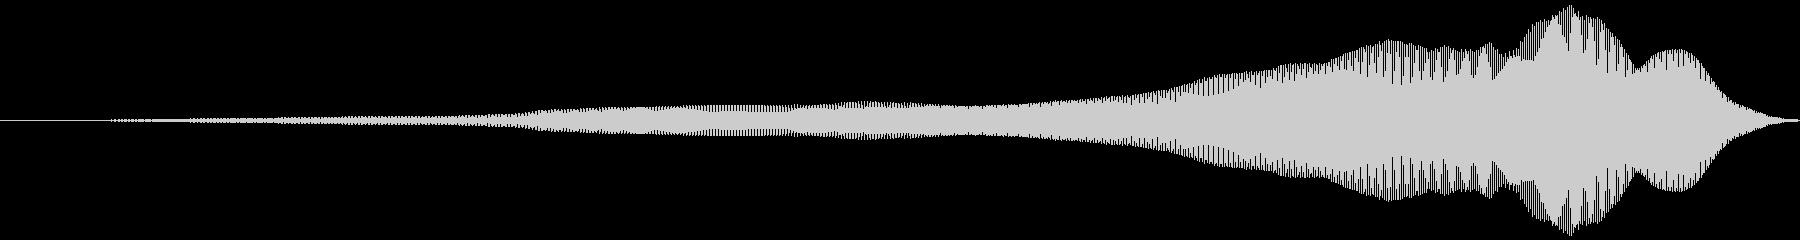 取る風 オノマトペ(上降)ヒュィッの未再生の波形